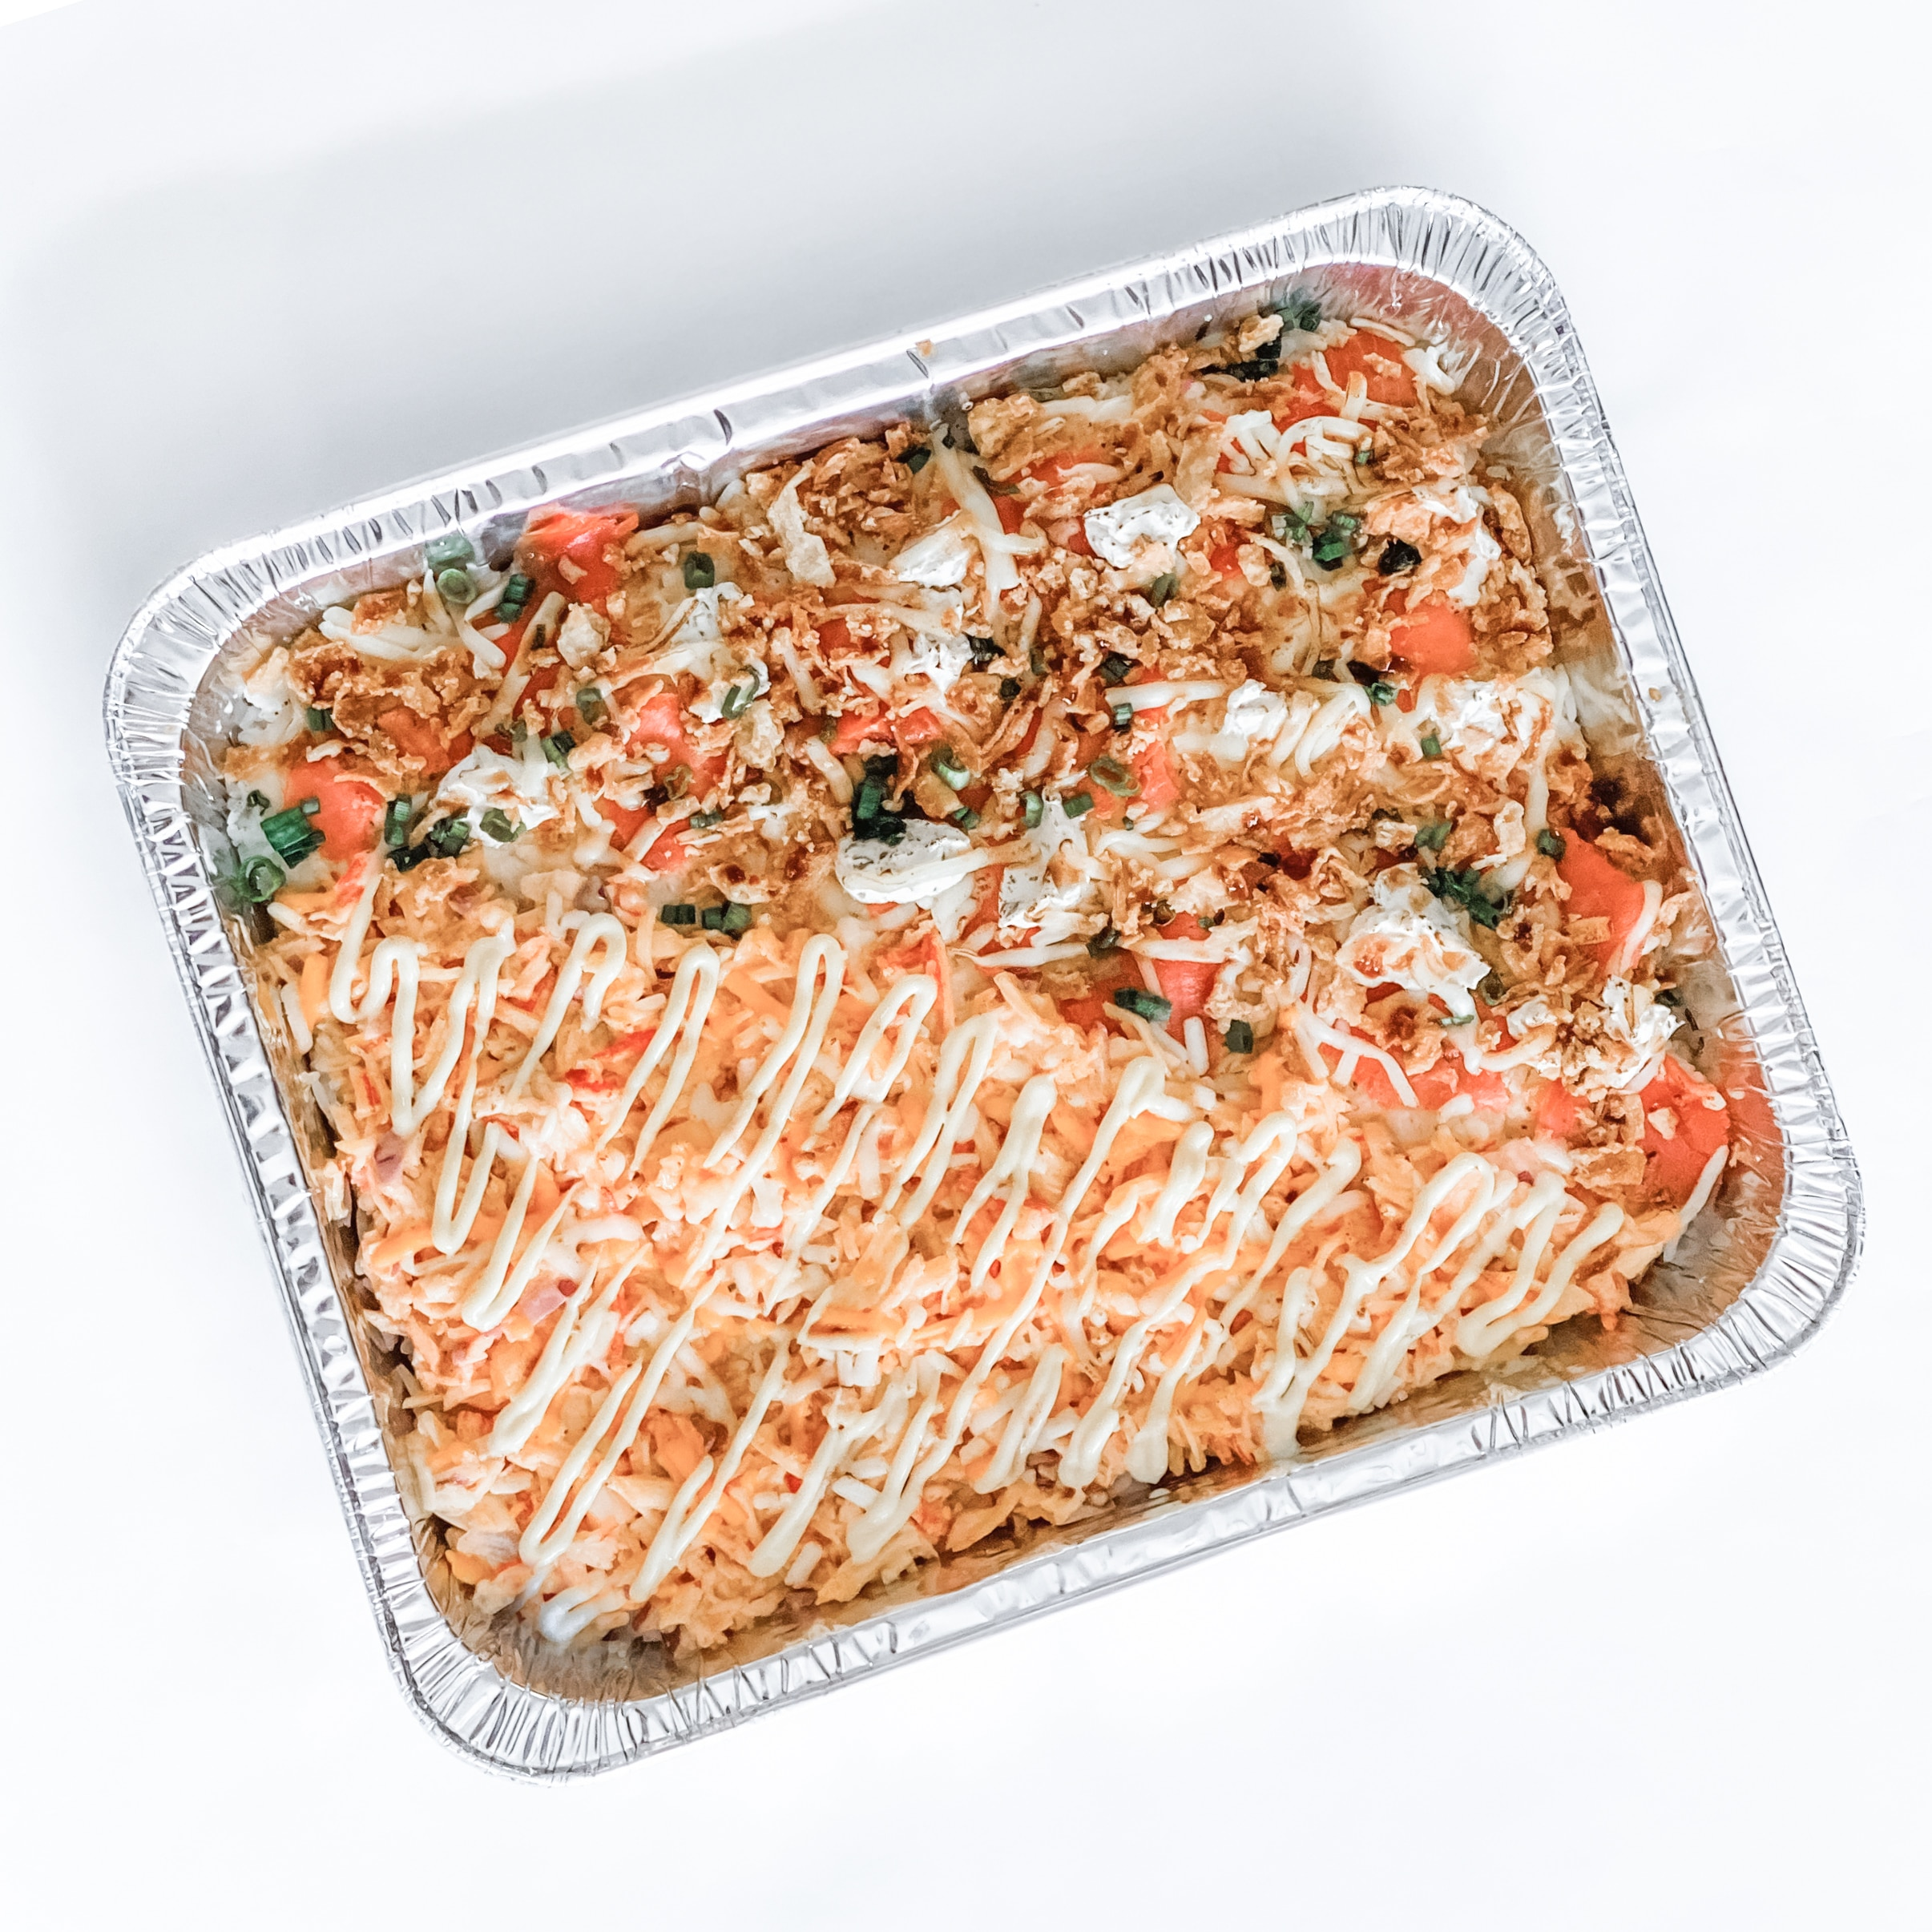 Baked Sushi Toronto Buy